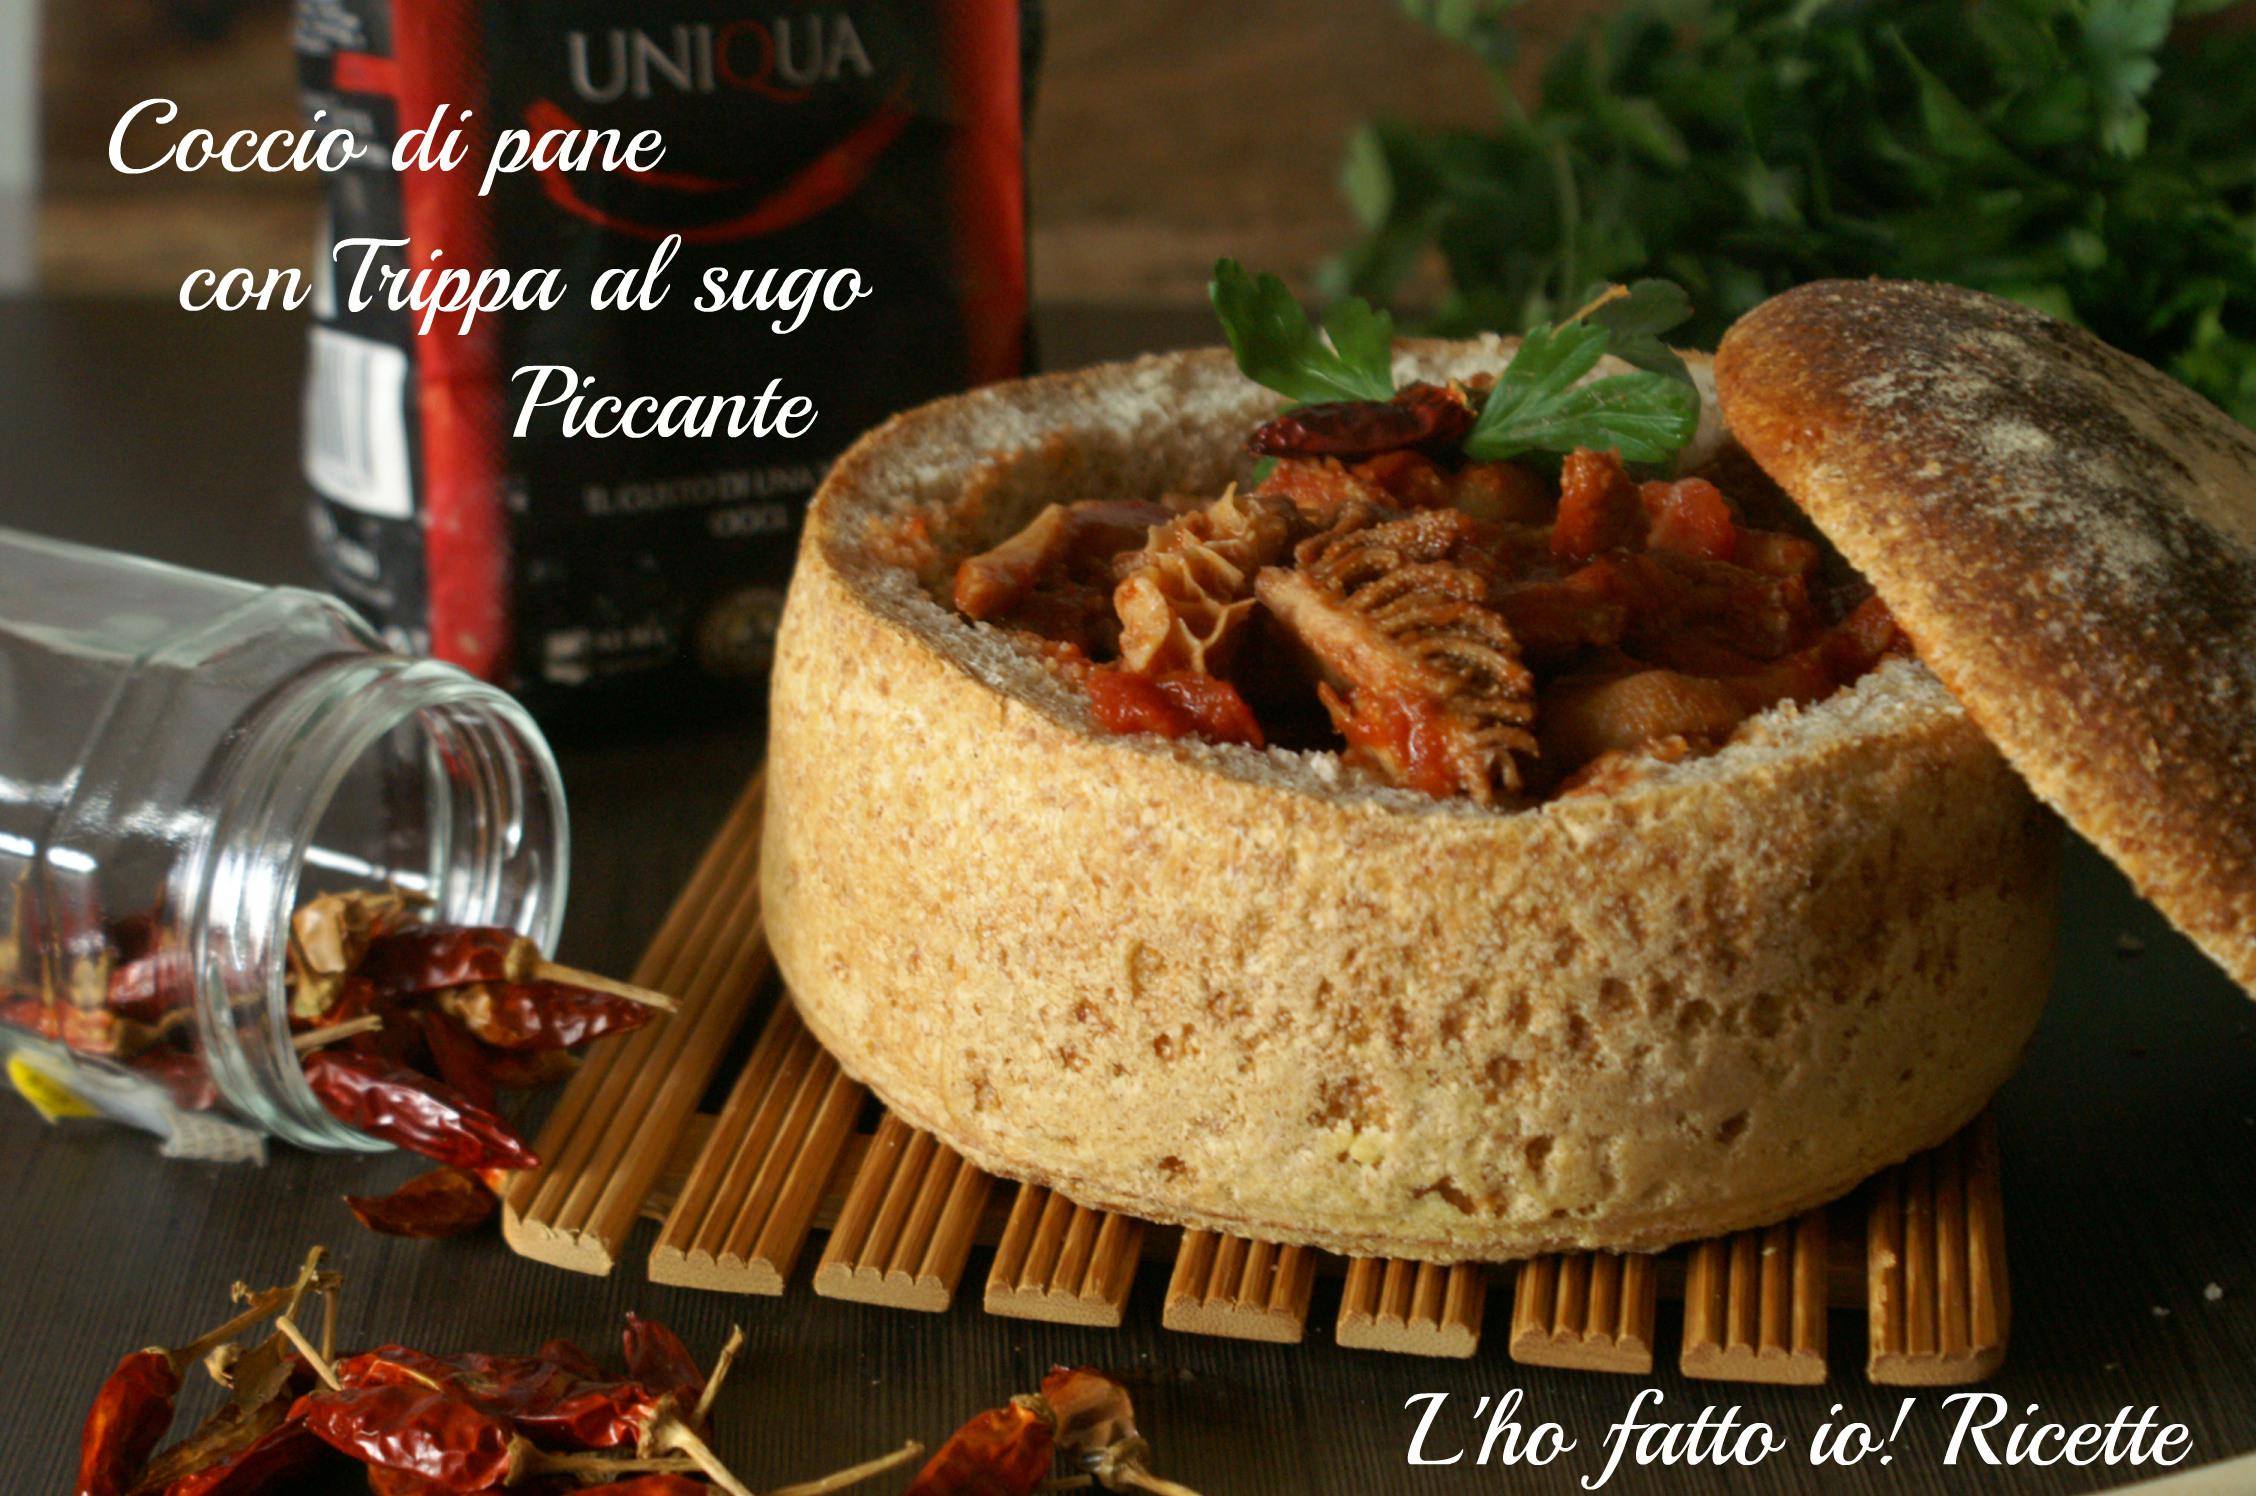 Coccio di pane con trippa al pomodoro